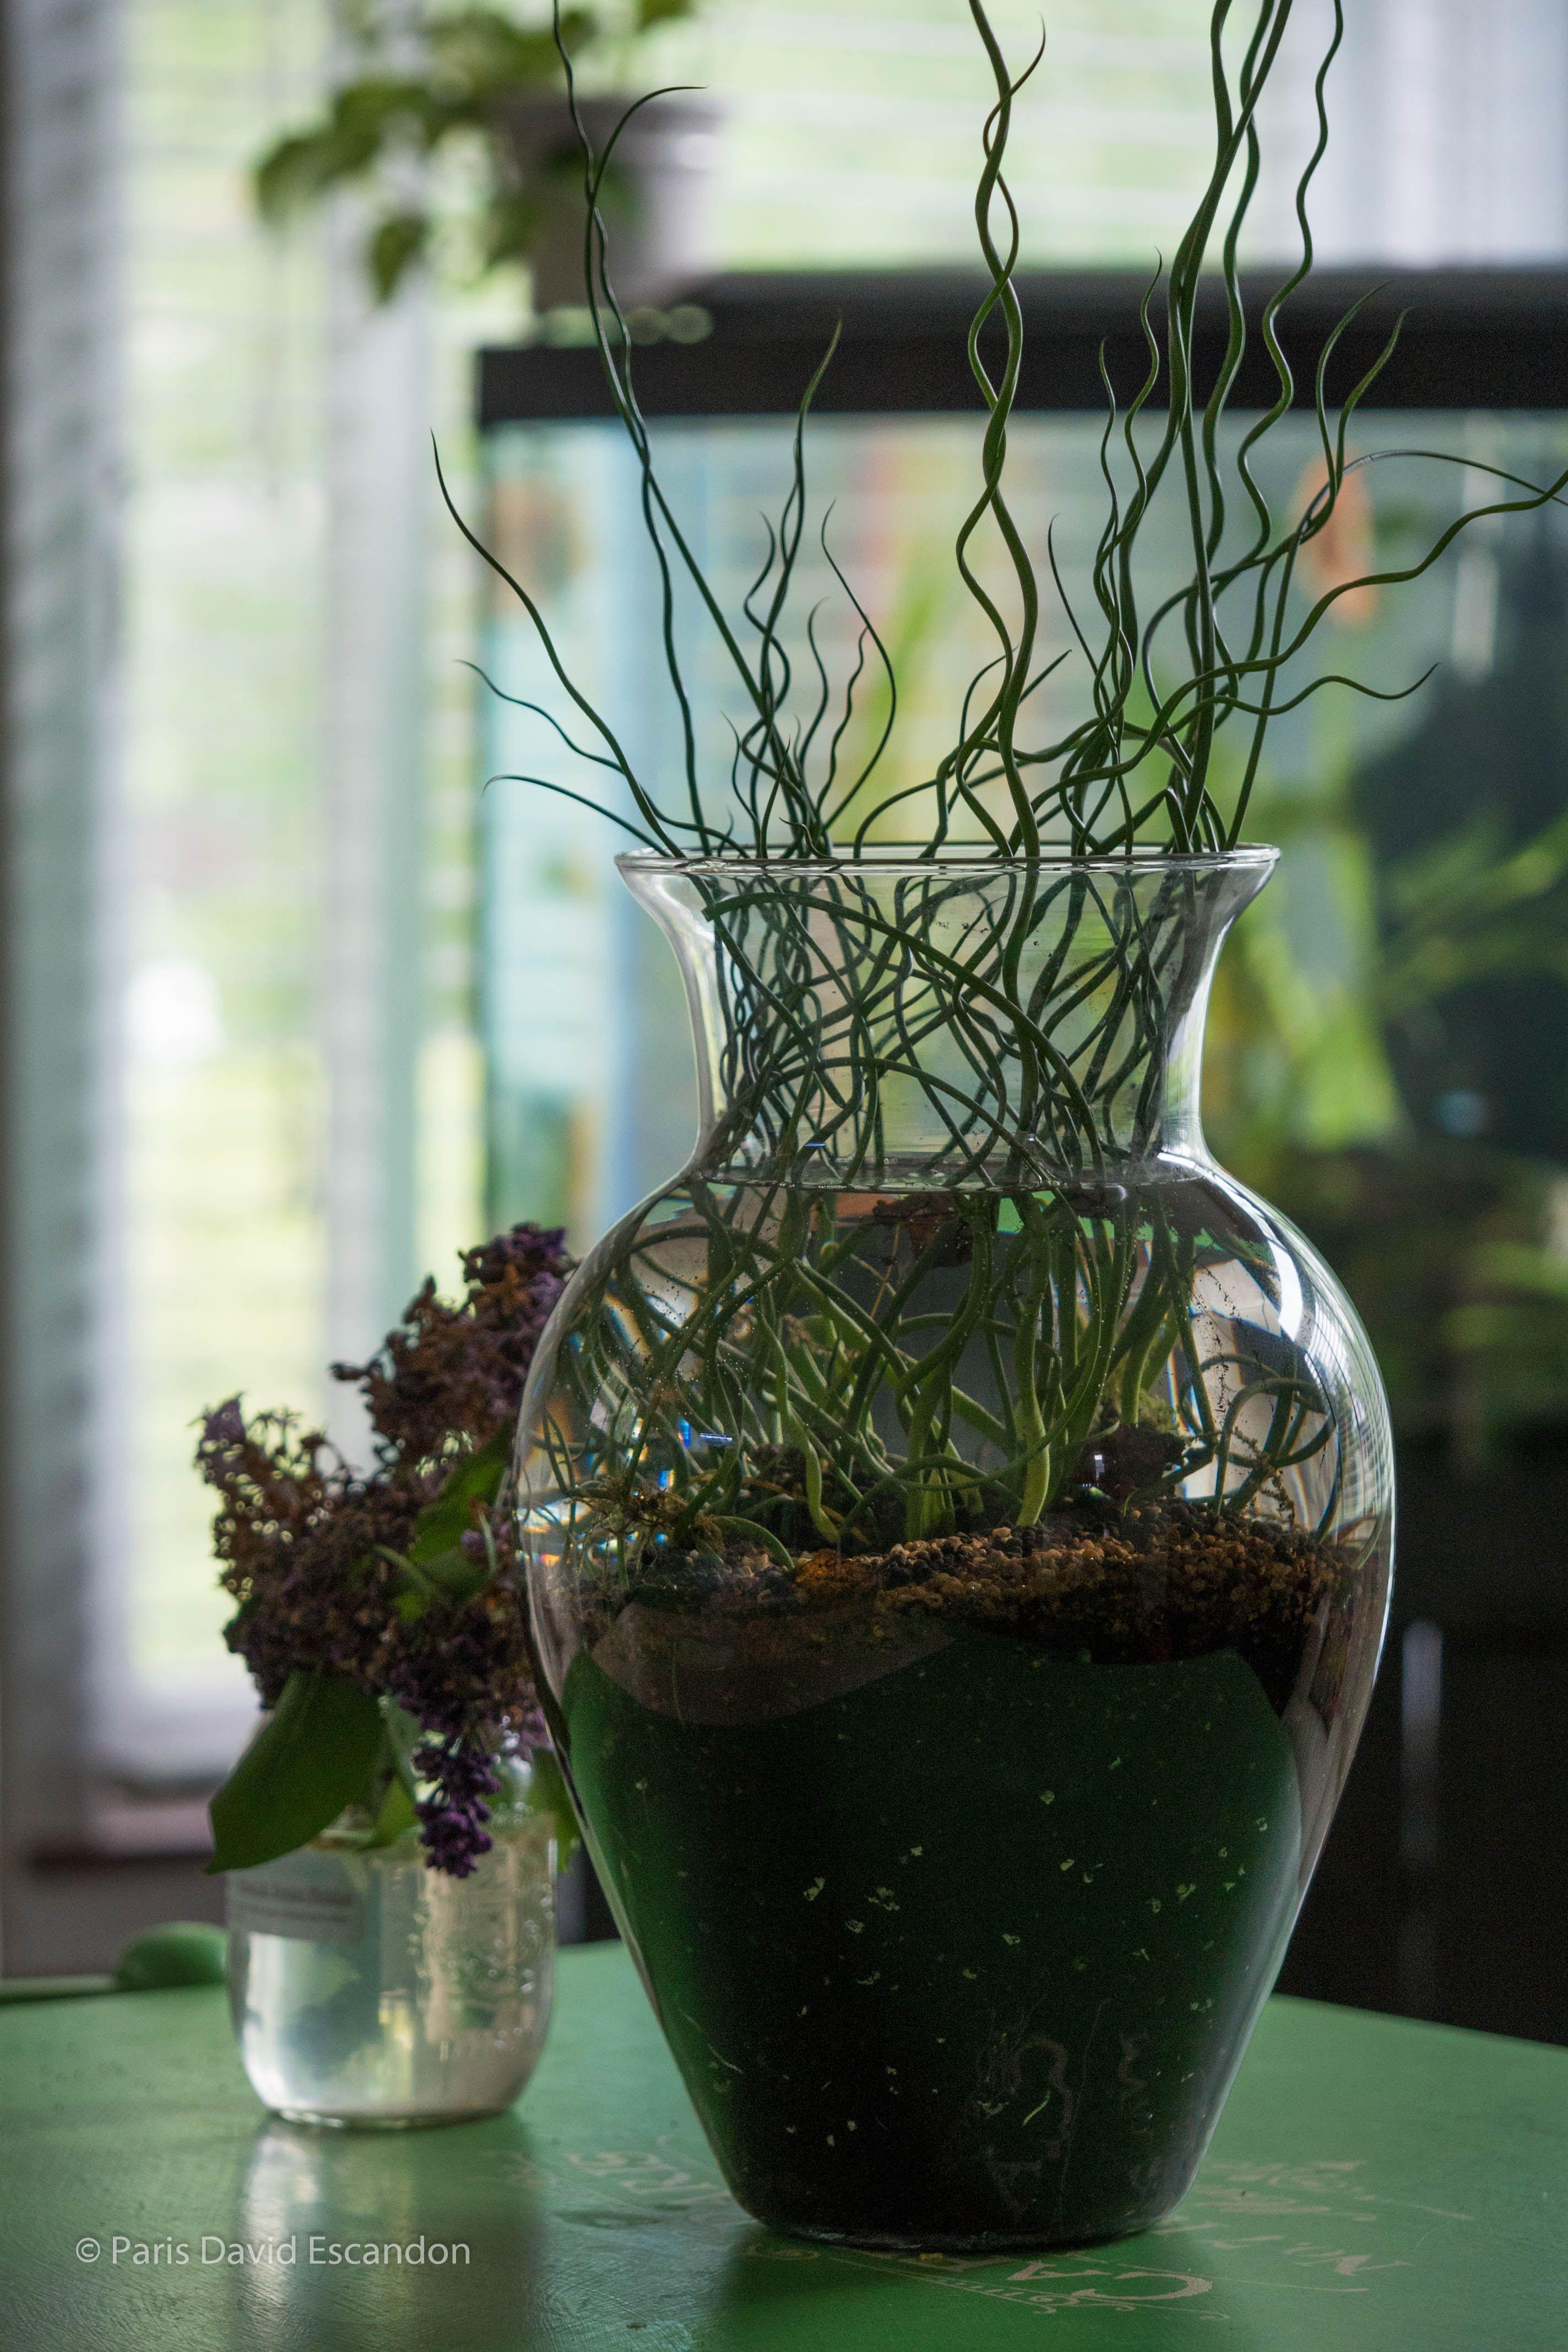 Corkscrew rush juncus effusus spiralis in water aquarium corkscrew rush juncus effusus spiralis in water reviewsmspy